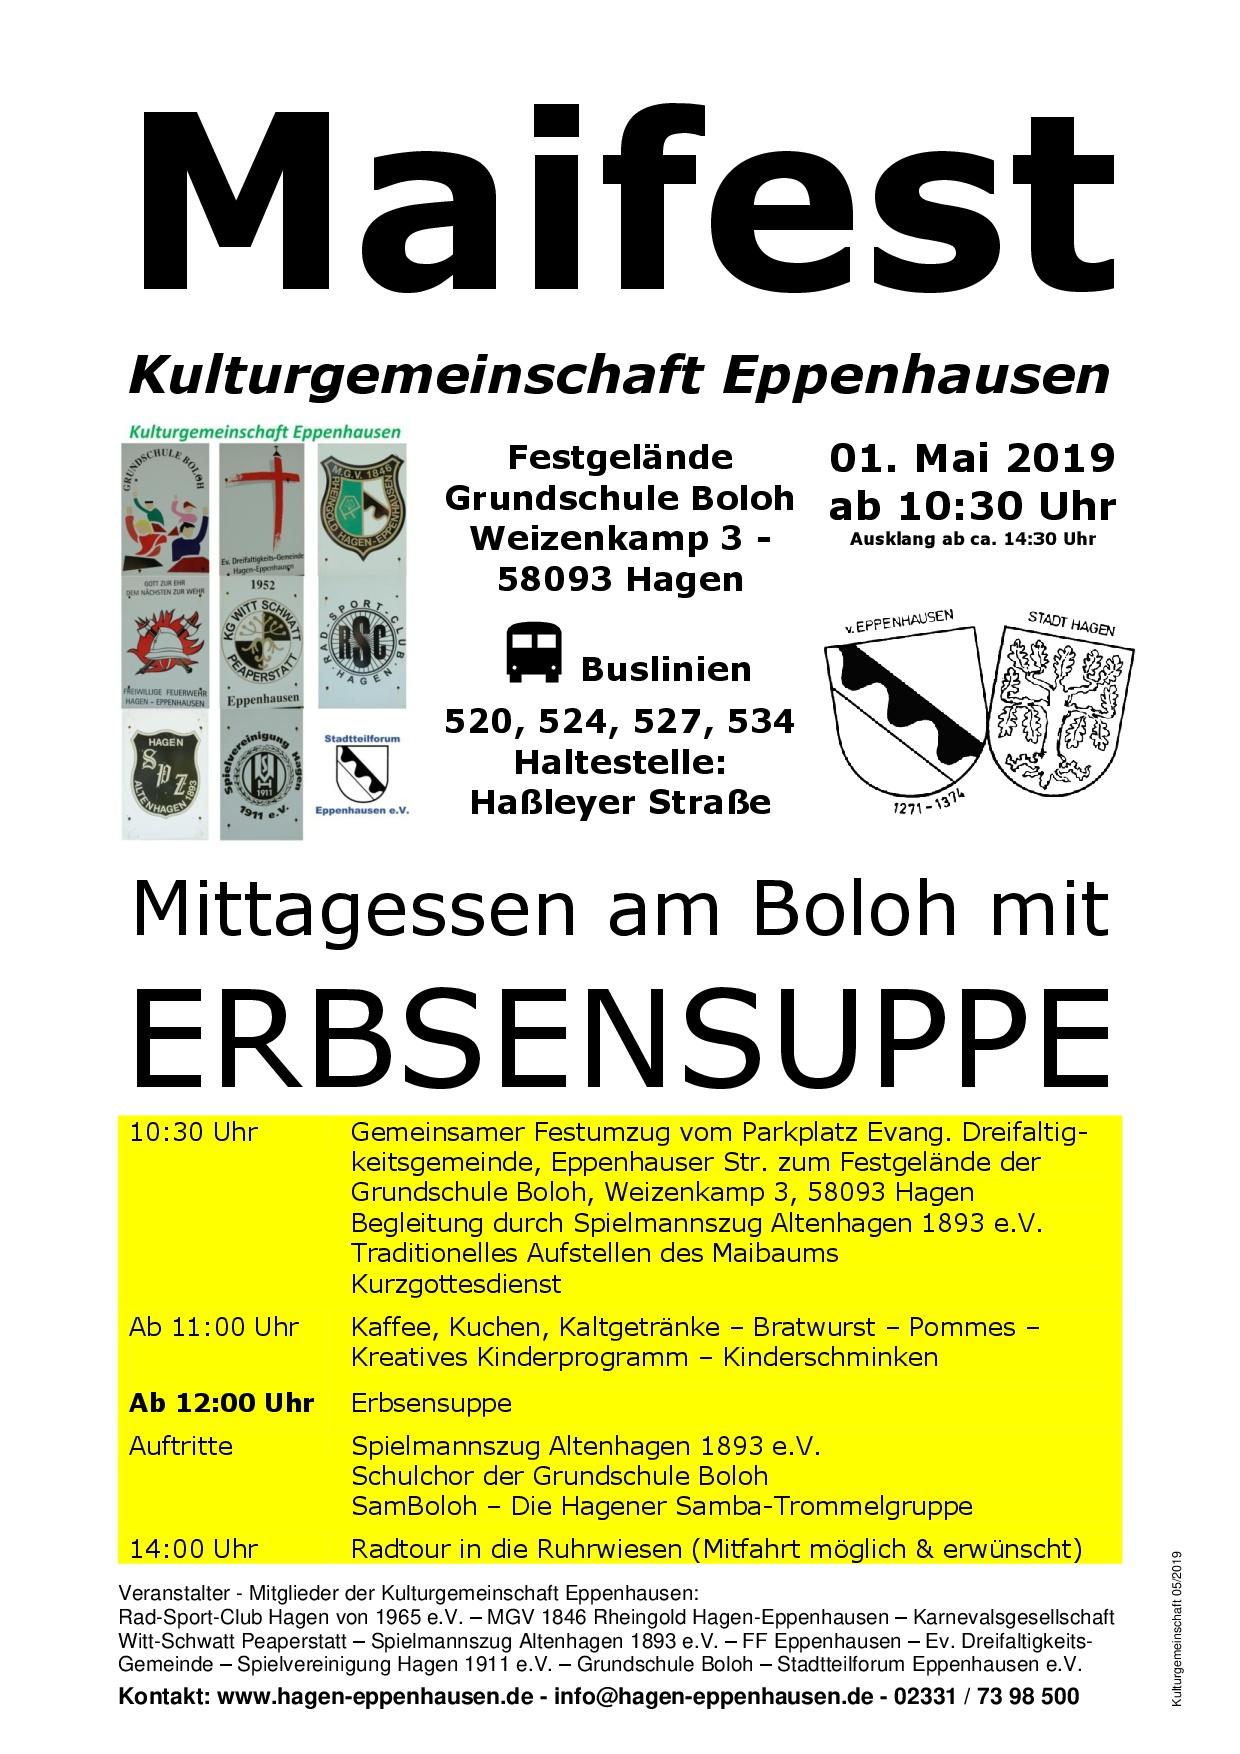 Maifest in Eppenhausen